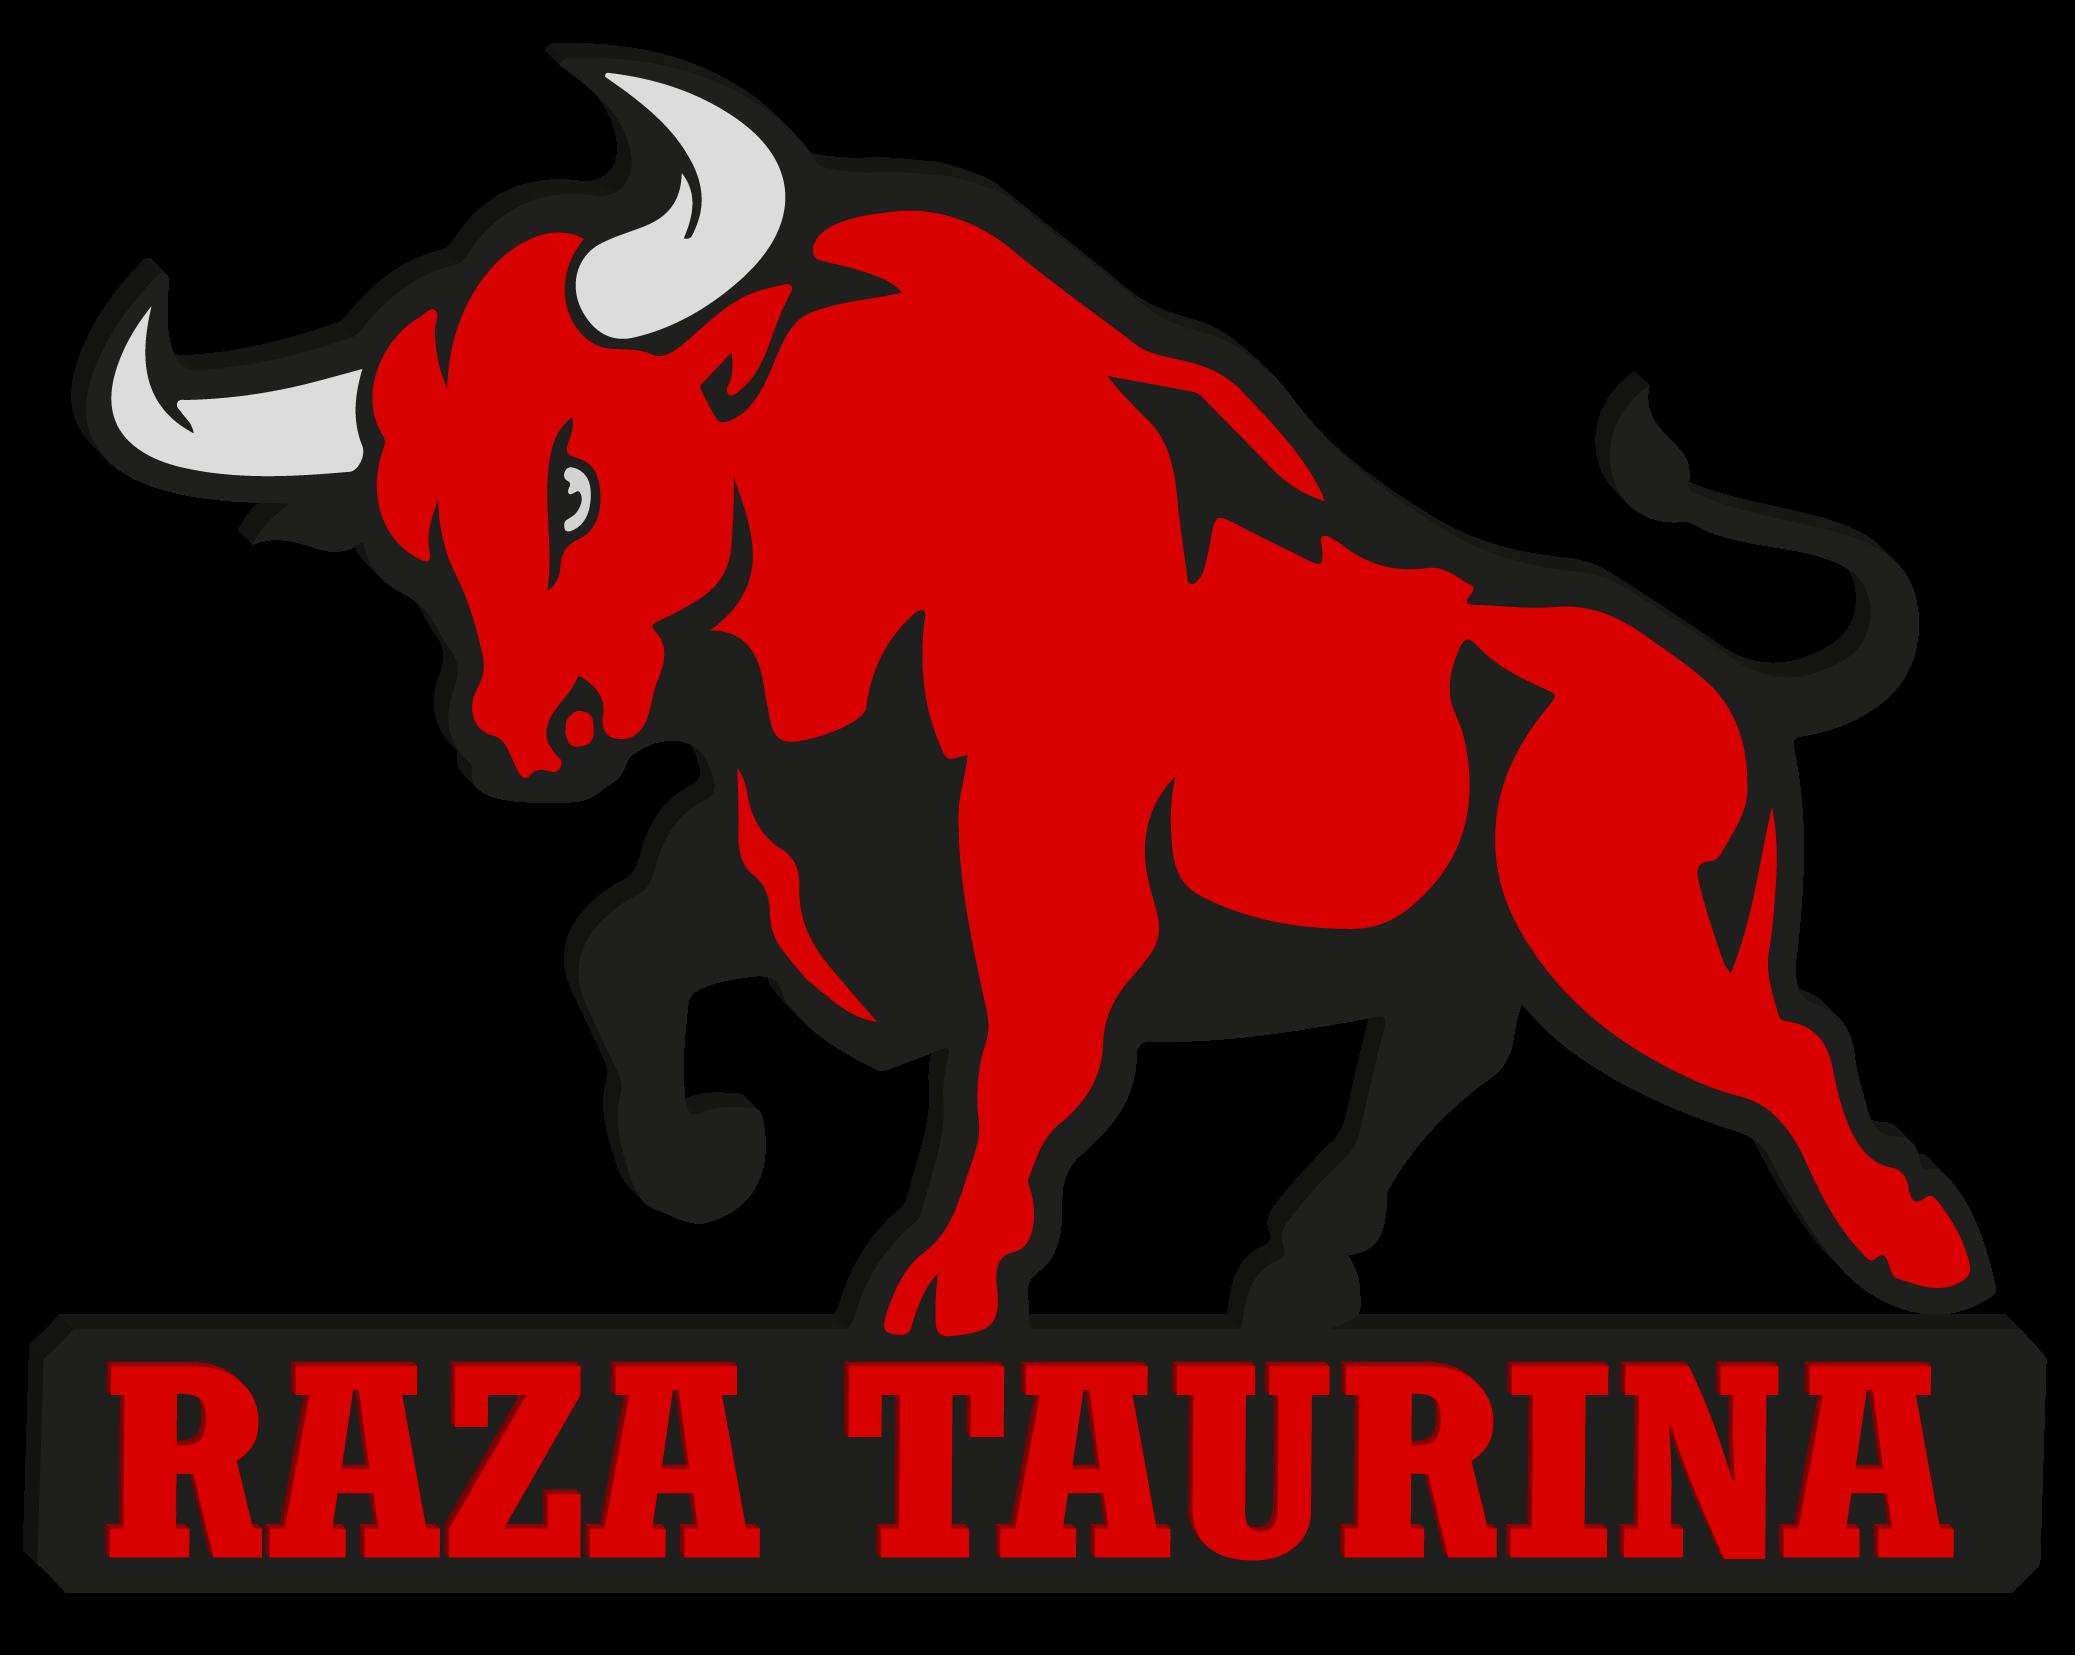 Raza Taurina